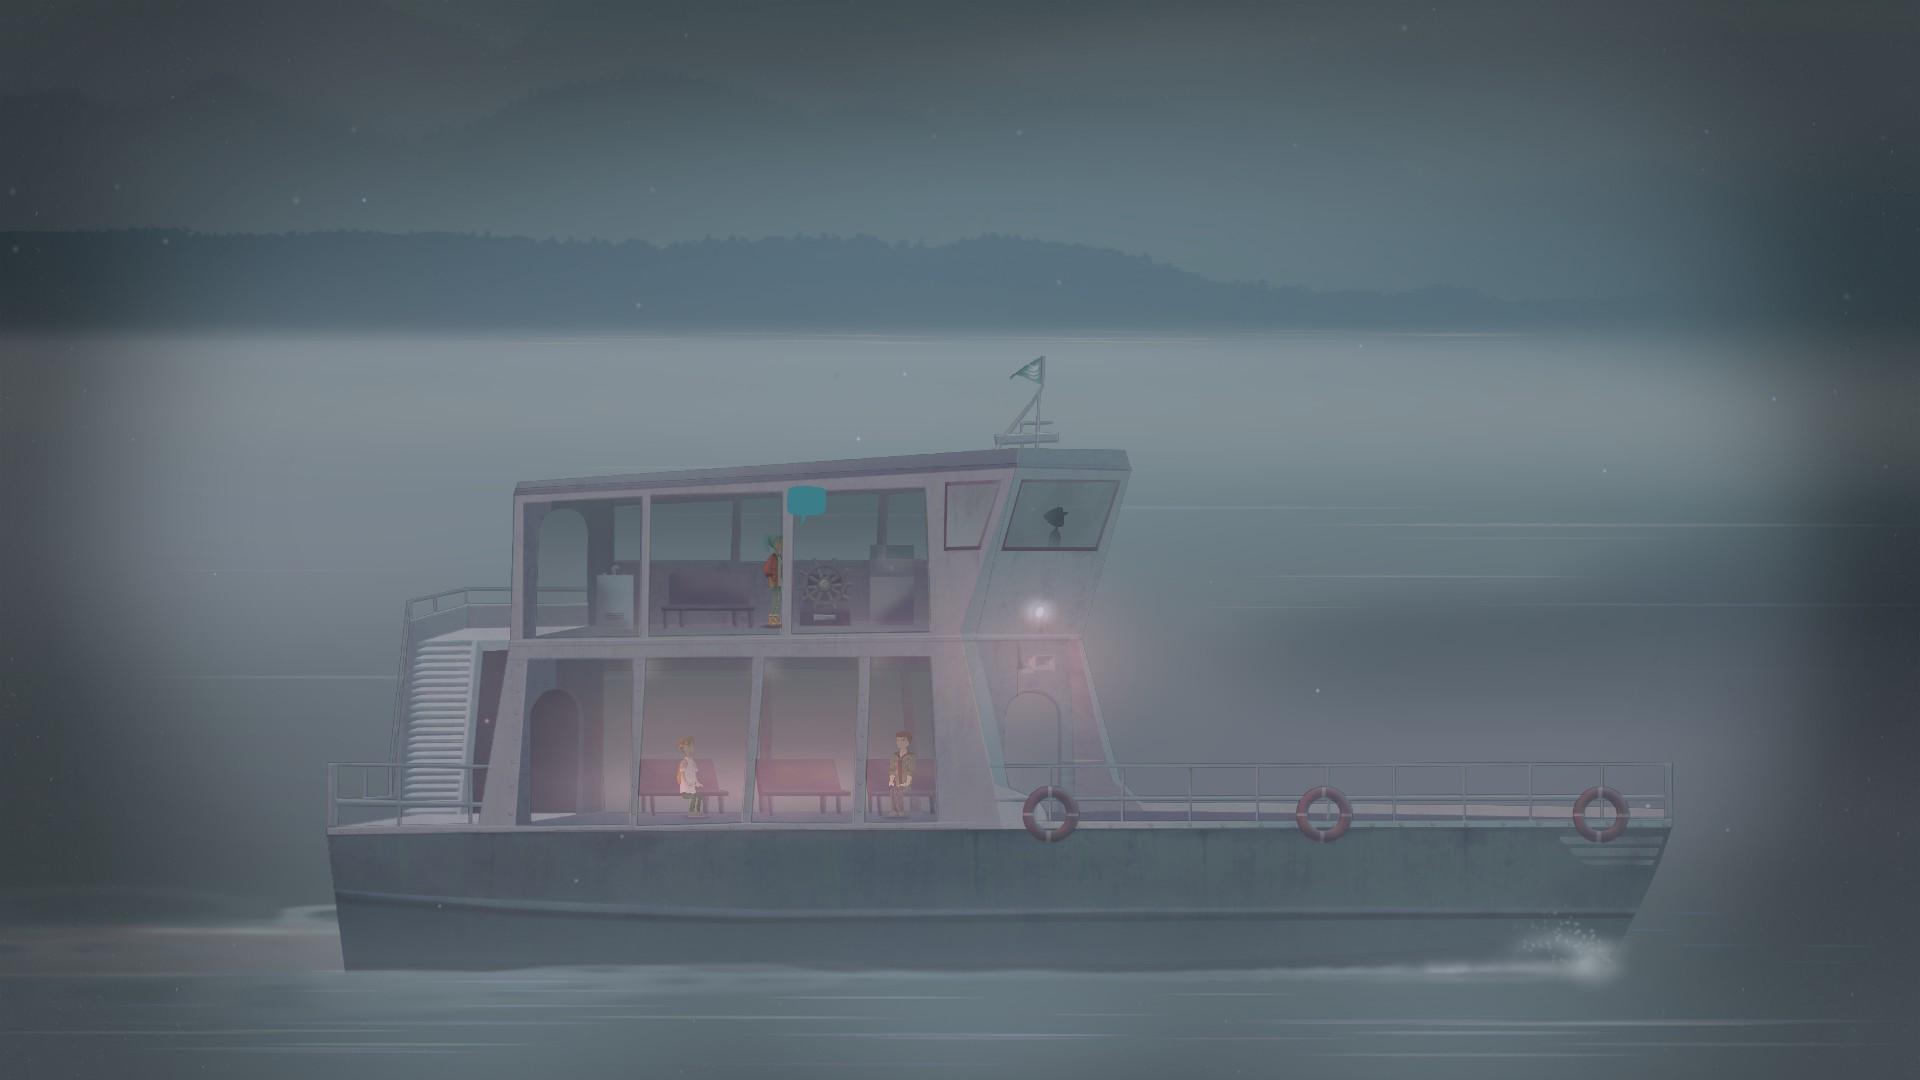 這就是 Oxenfree 最可憎的地方,船兒離島越來越遠,一切彷彿在一場惡戰之後復歸平靜。